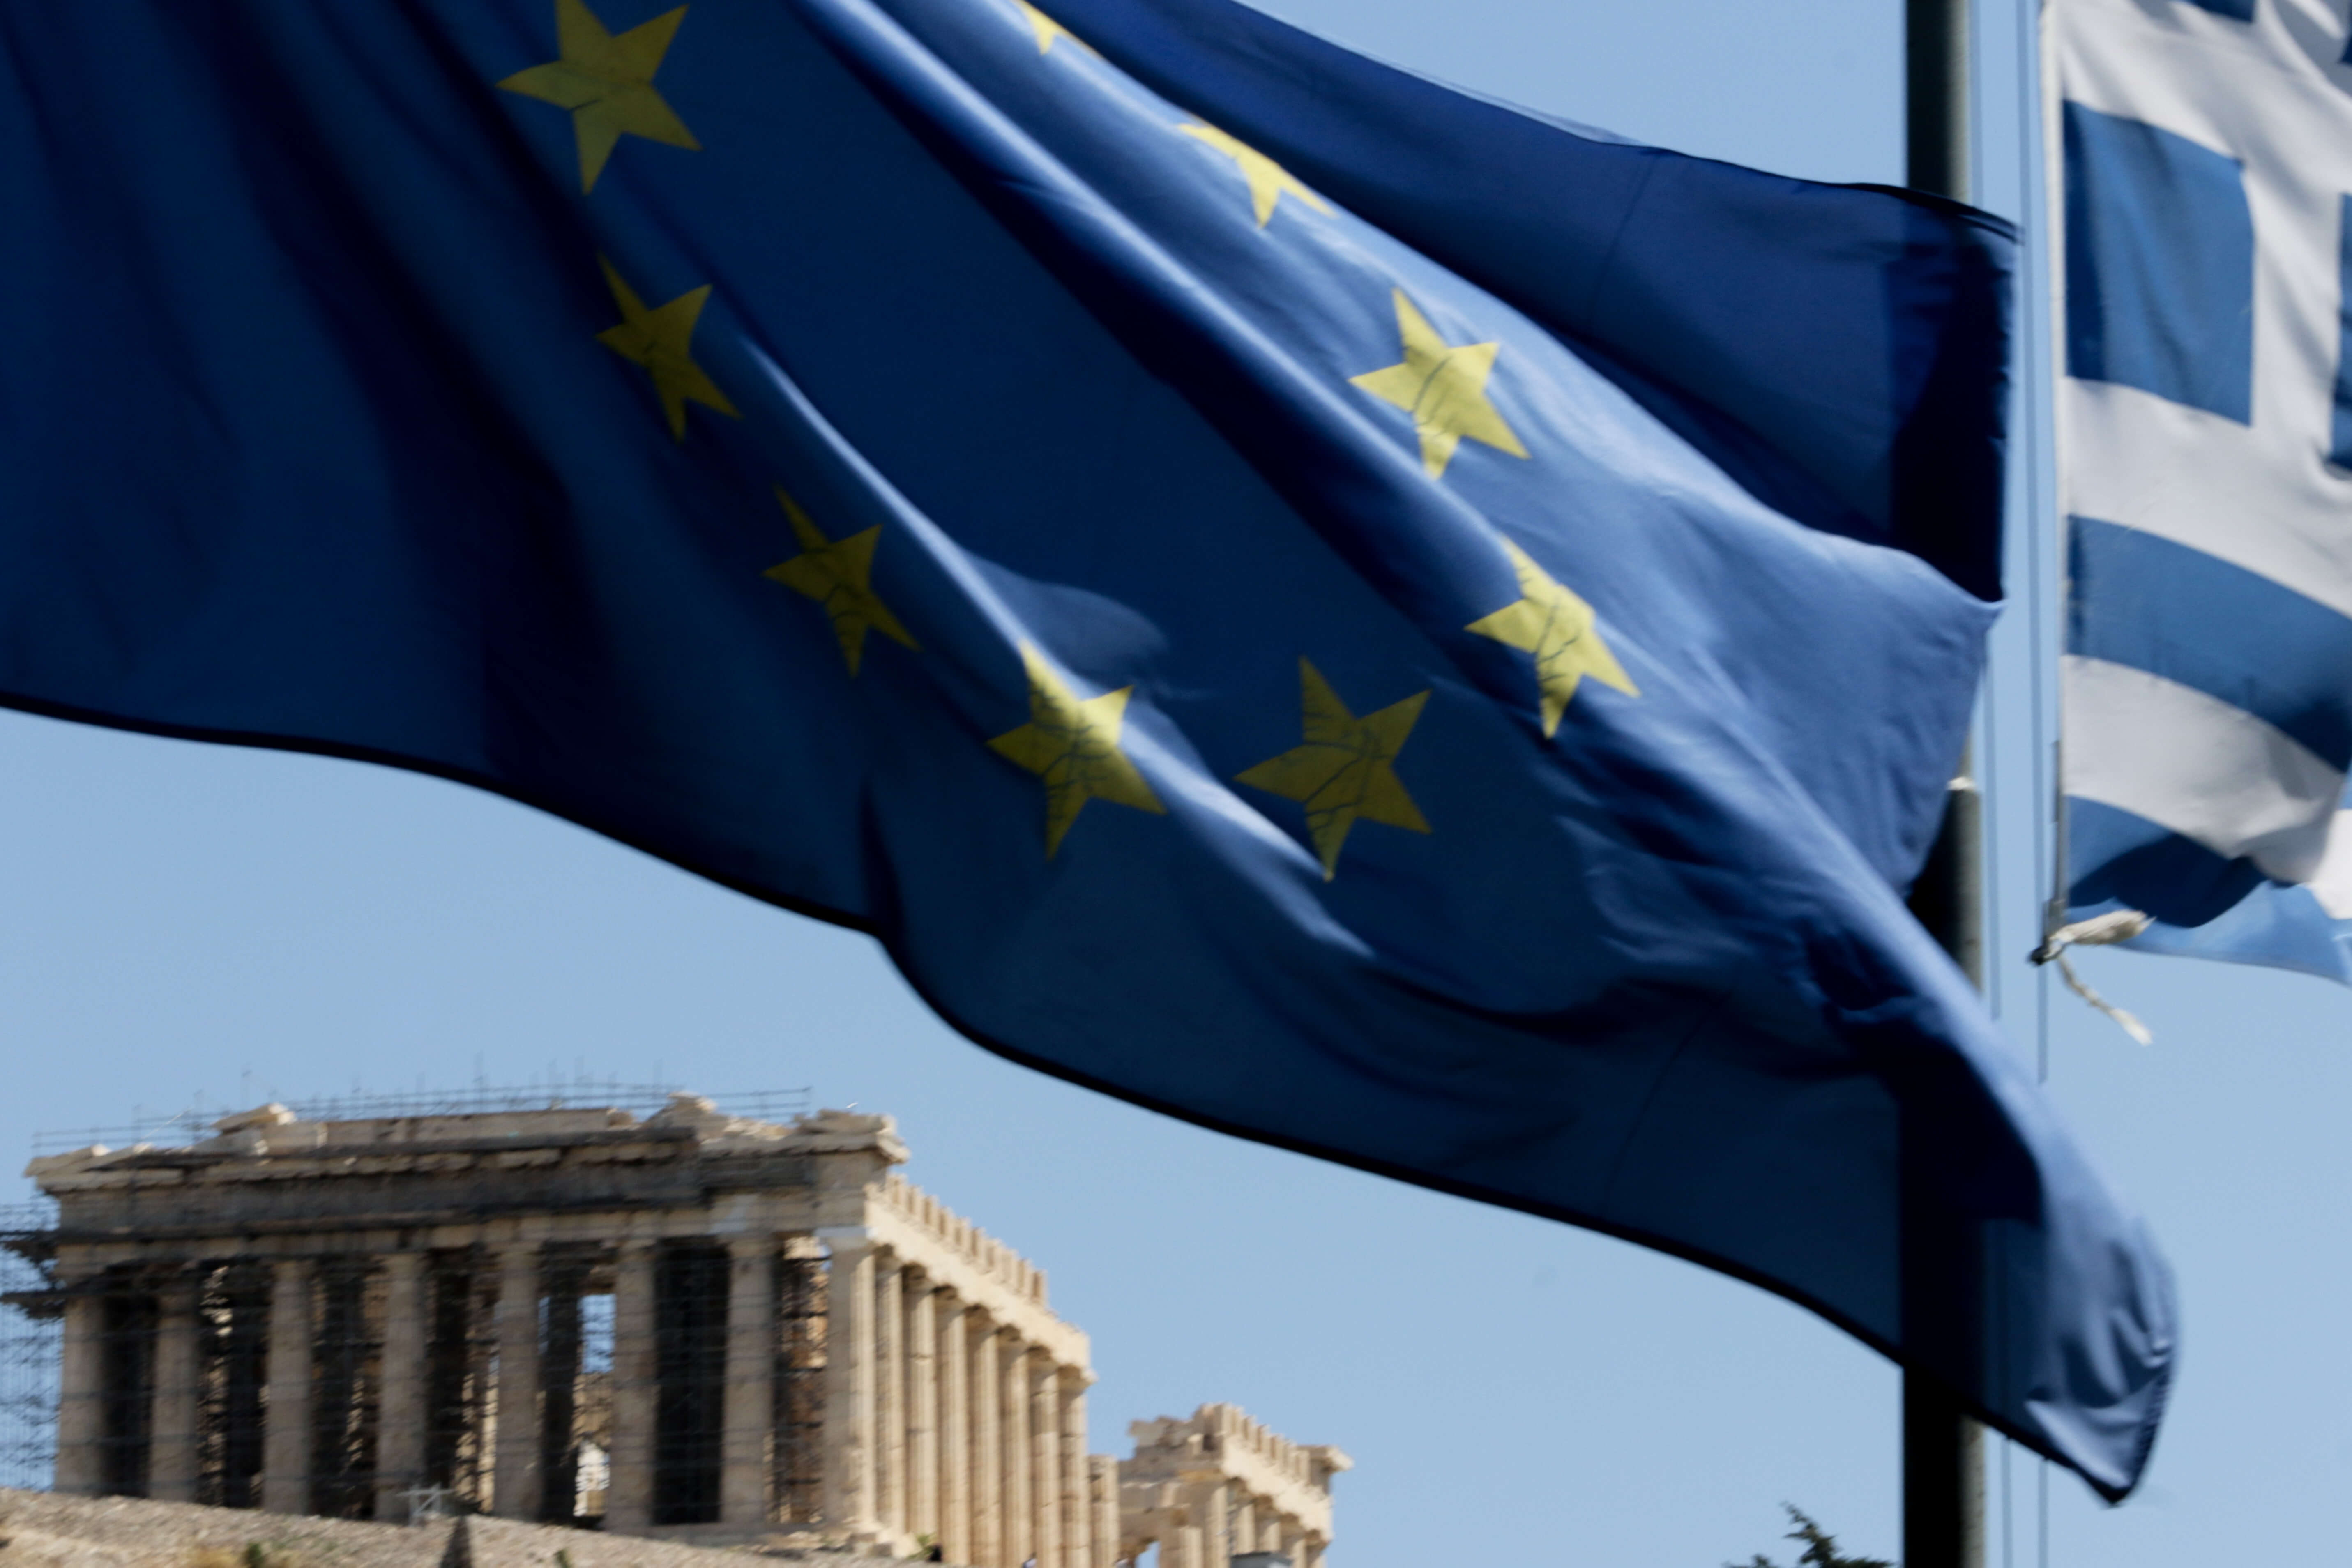 CNBC: Κίνδυνος να μην πάρει η Ελλάδα νέα χρηματοδότηση – Καθυστερήσεις στις μεταρρυθμίσεις